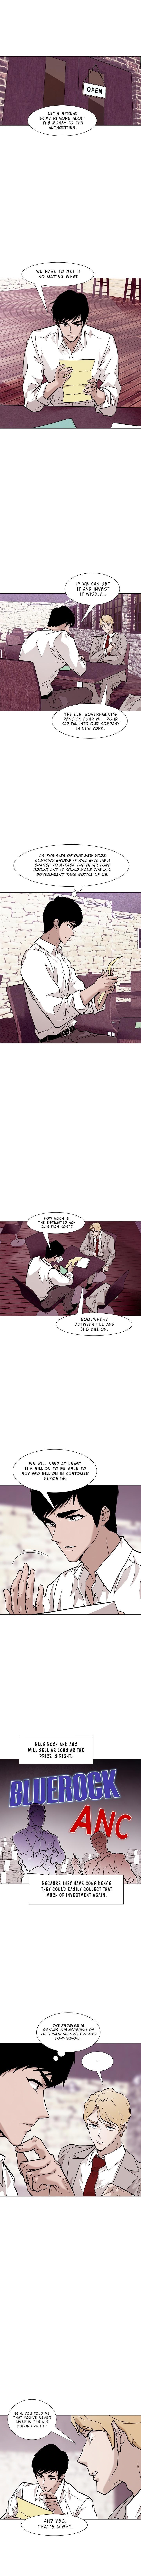 Past Life Regressor Chapter 24 page 2 - Mangakakalots.com